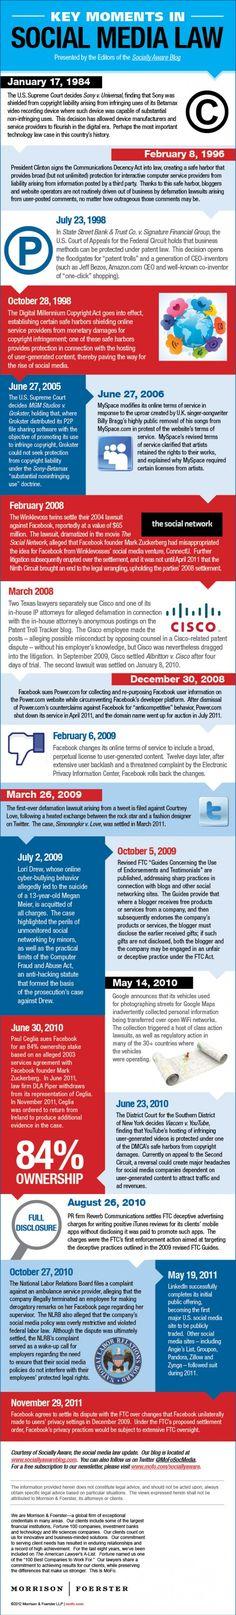 Key Milestones In Social Media Law